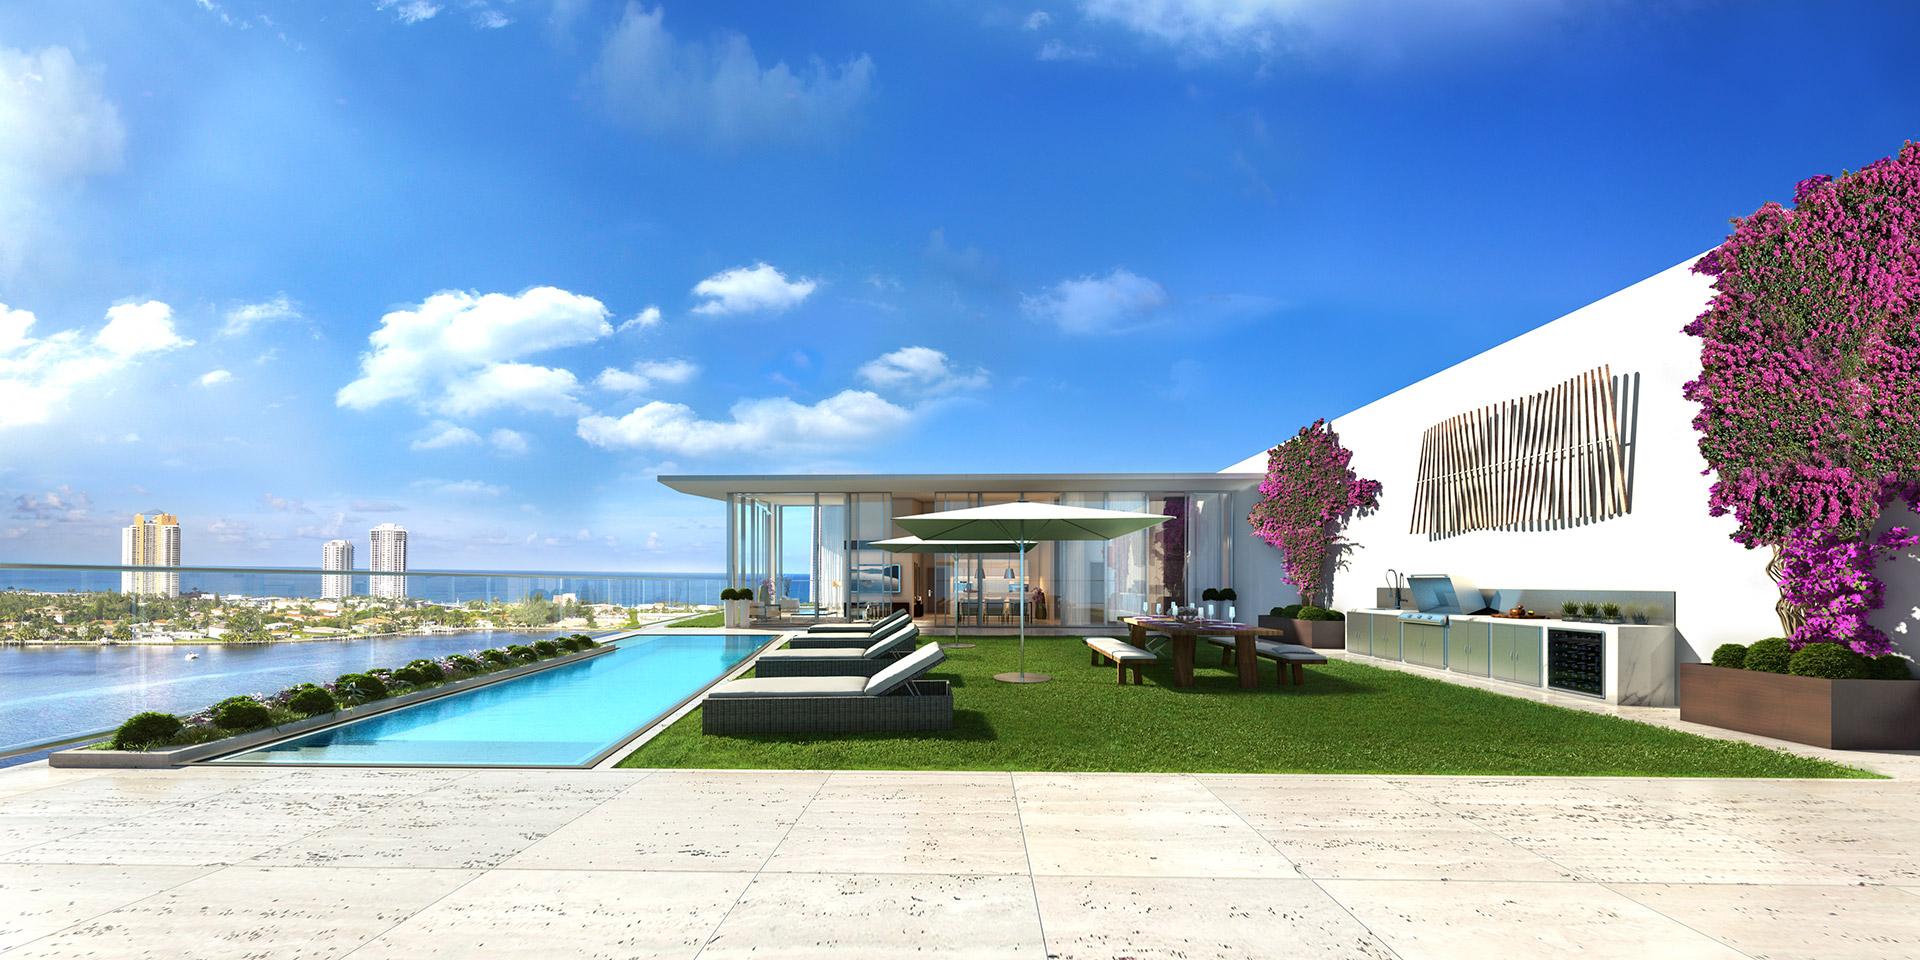 Prive-Penthouse-Rendering.jpg